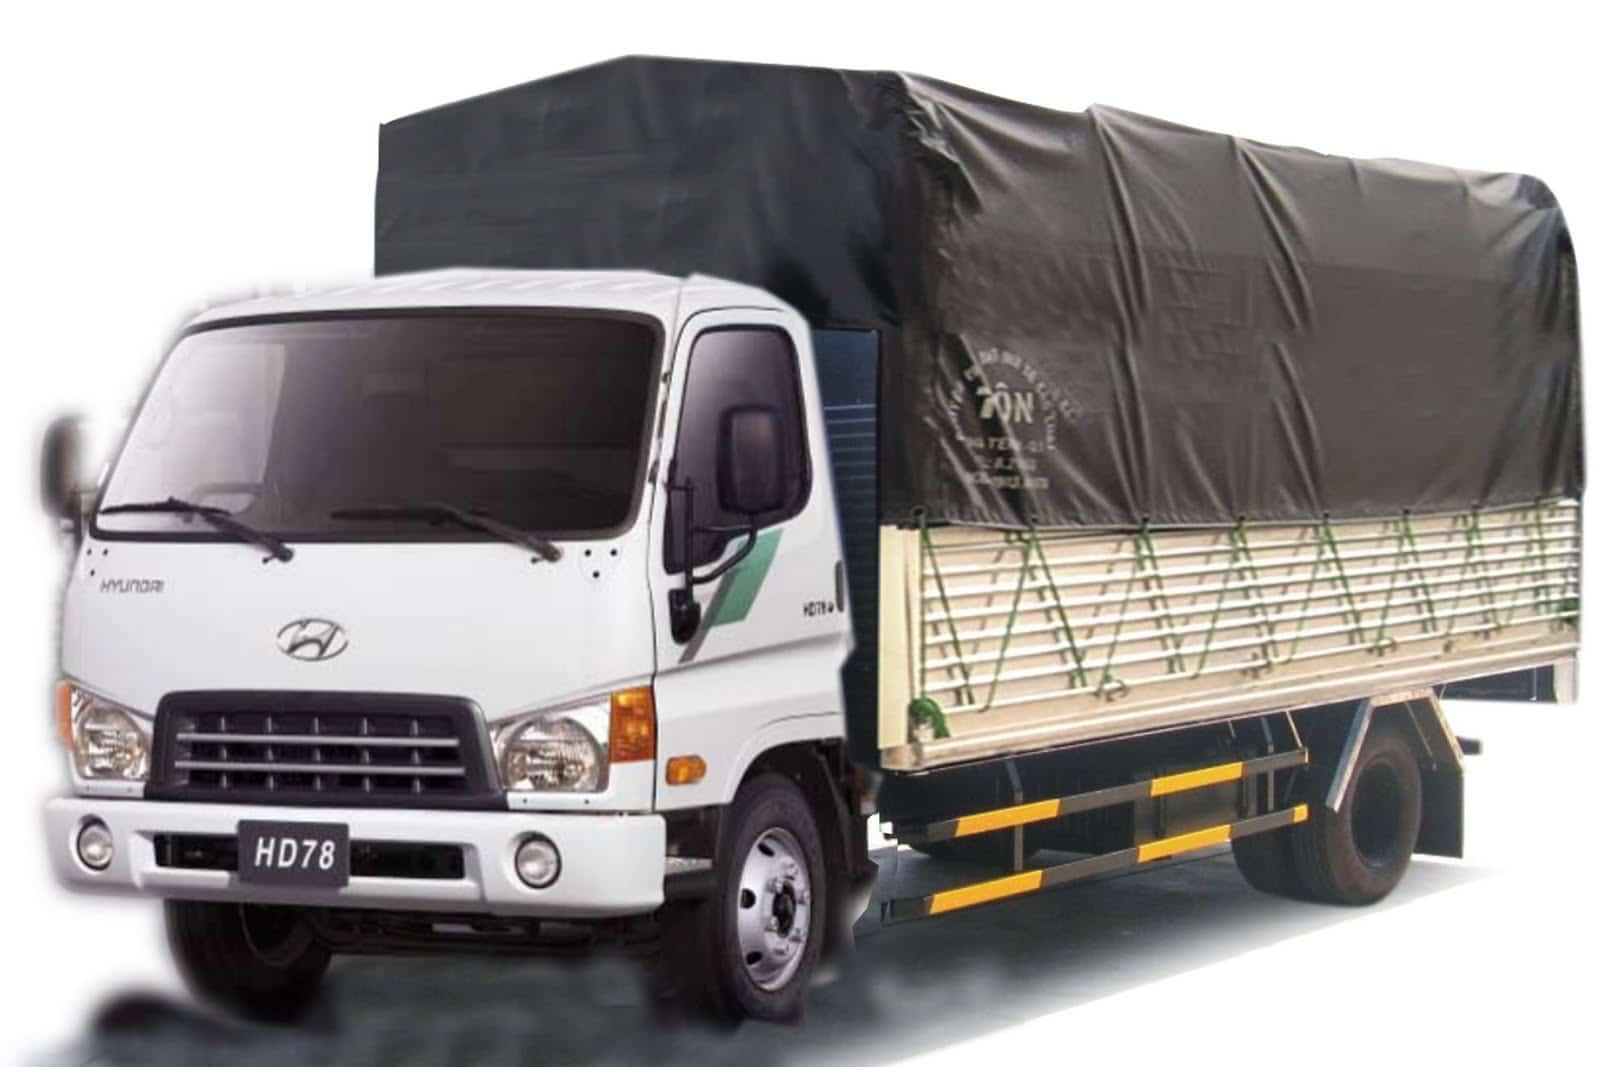 Bảng giá vận chuyển hàng bằng xe tải